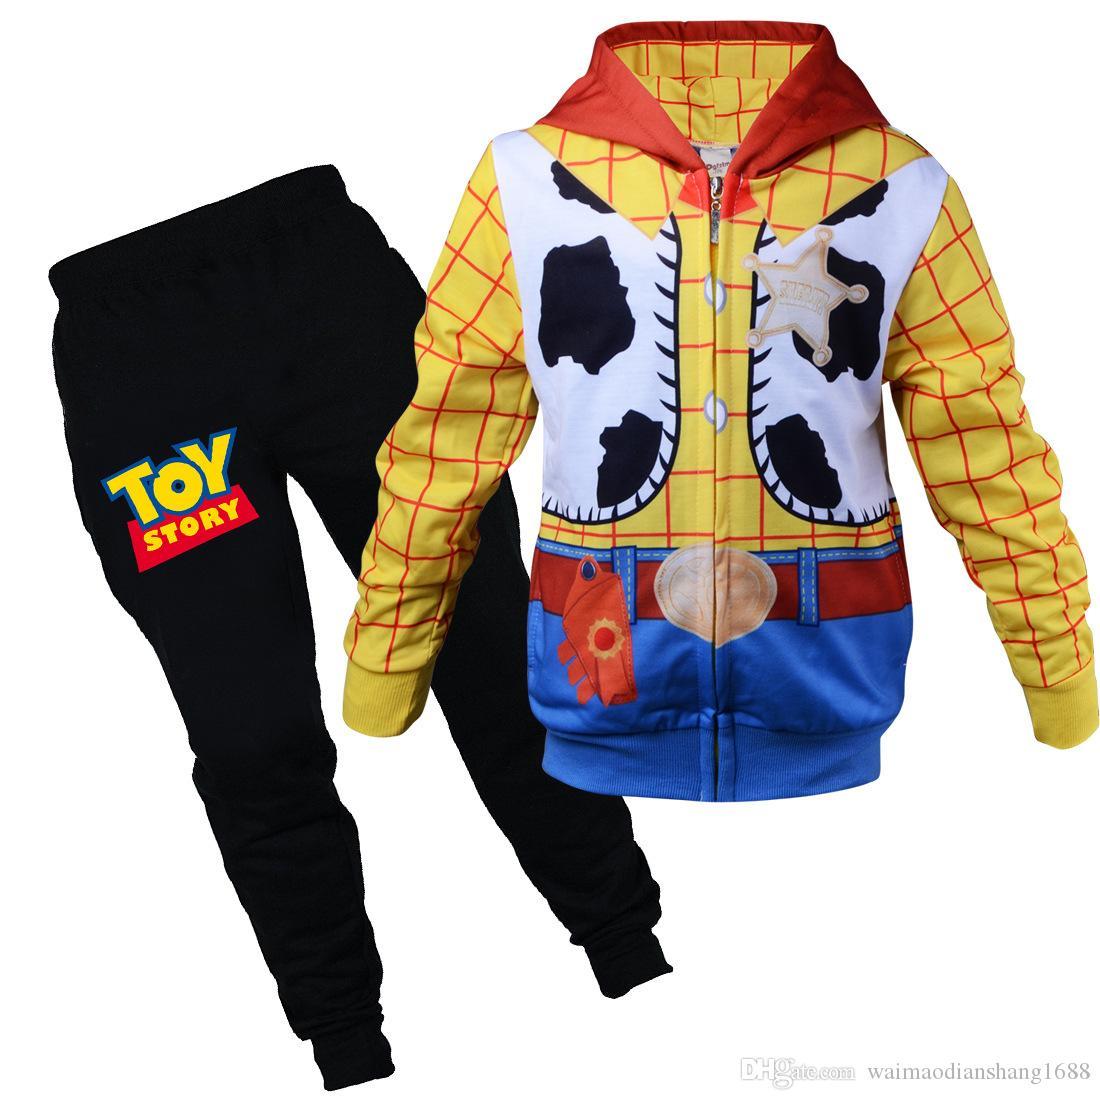 새로운 어린이면 만화 정장 보이 패션 후드 가디건 2 개의 양복 아이 아기 노란색 편안한 운동복 의류